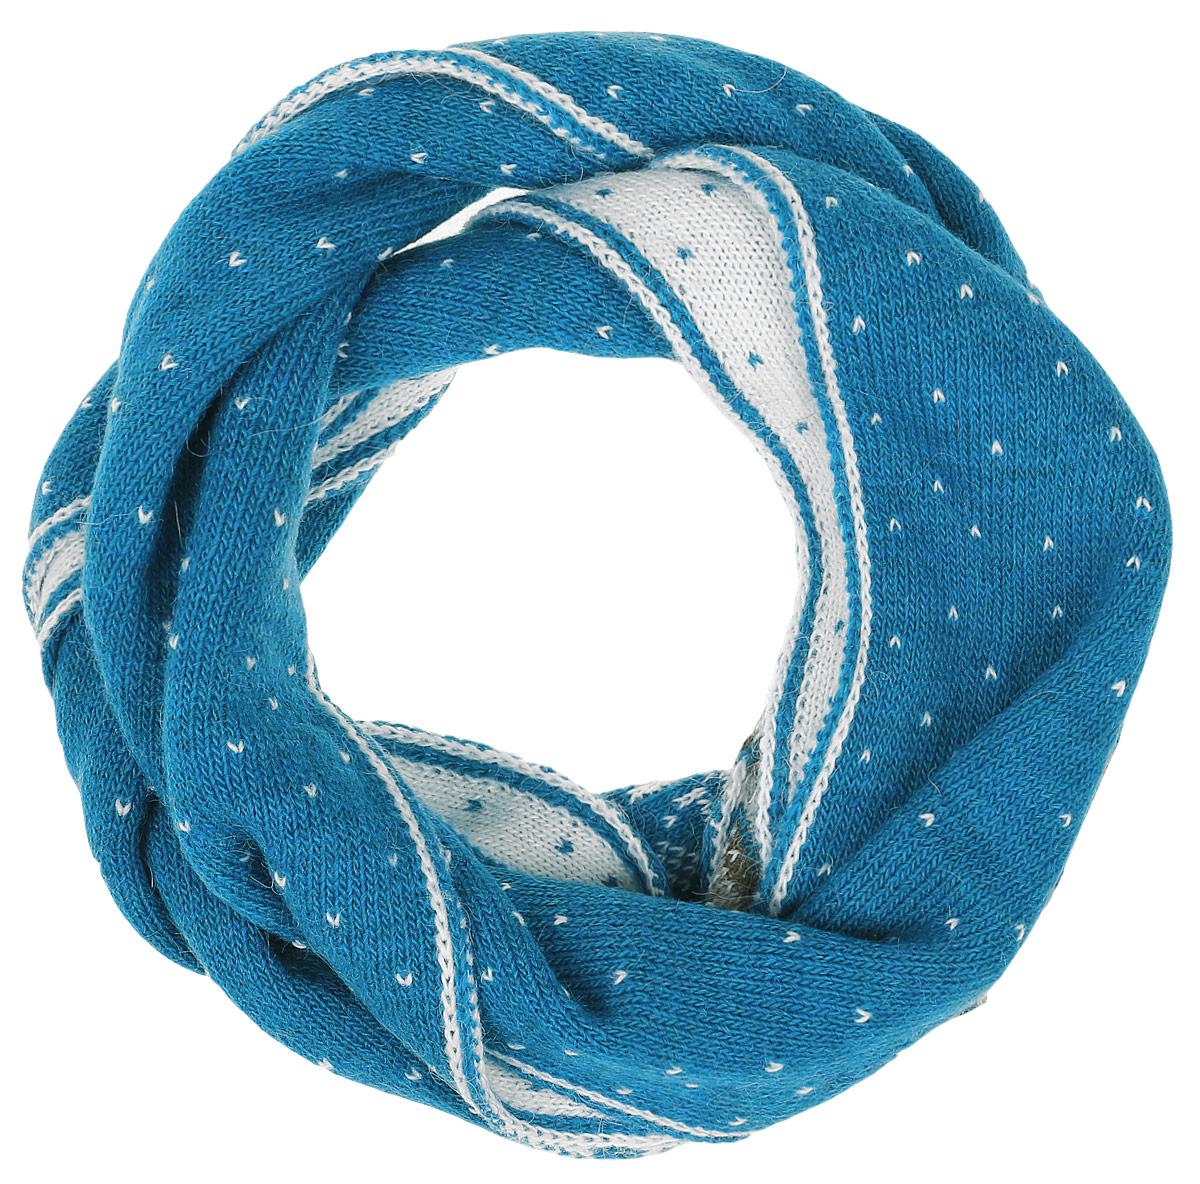 W16-12124_914Теплый женский шарф Finn Flare станет достойным завершением вашего образа. Шарф изготовлен из сочетания высококачественных материалов. Модель оформлена контрастным принтом с узорами.